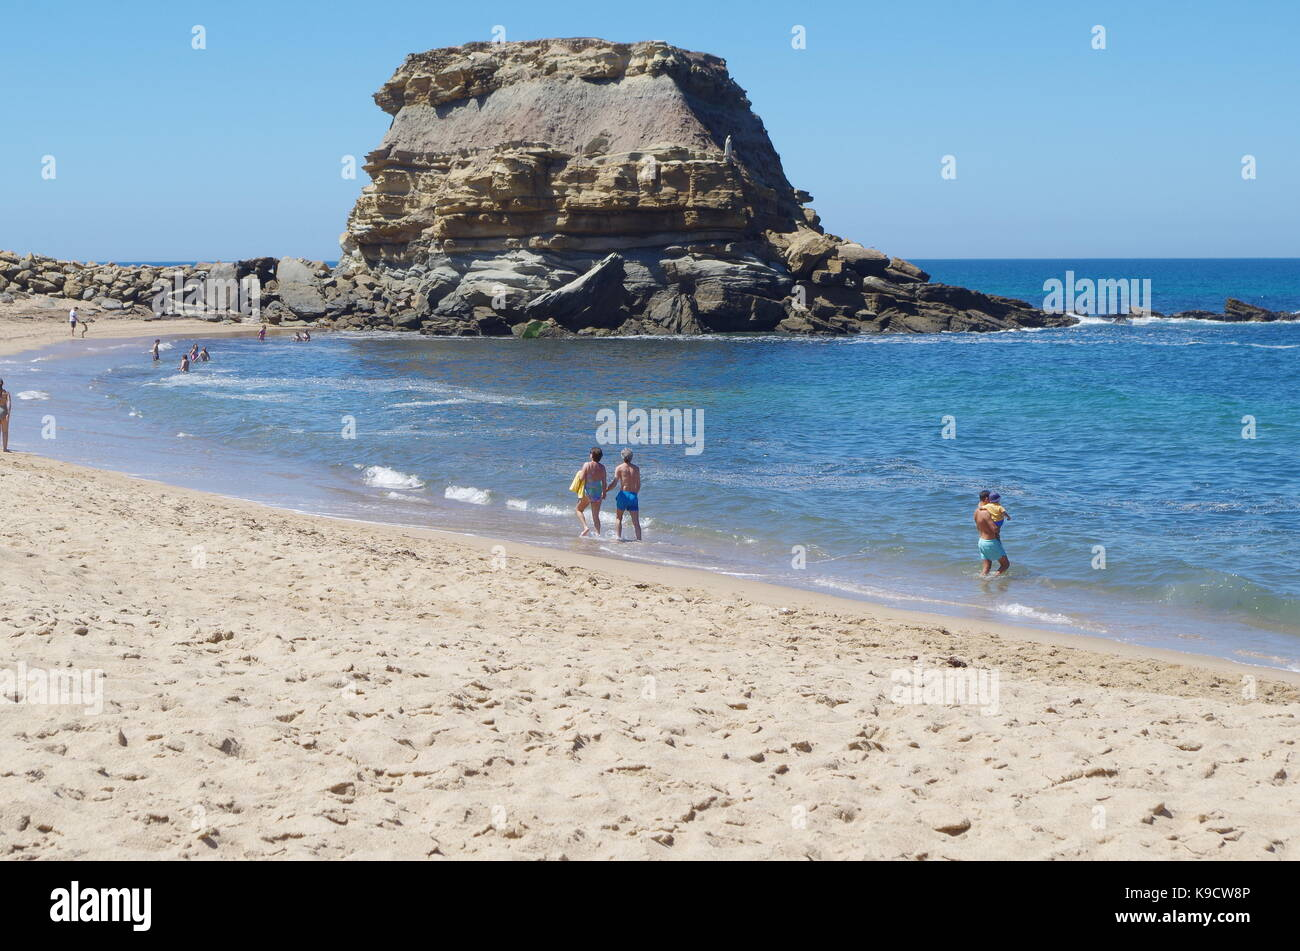 Beach of Porto Novo in Torres Vedras. Portugal - Stock Image